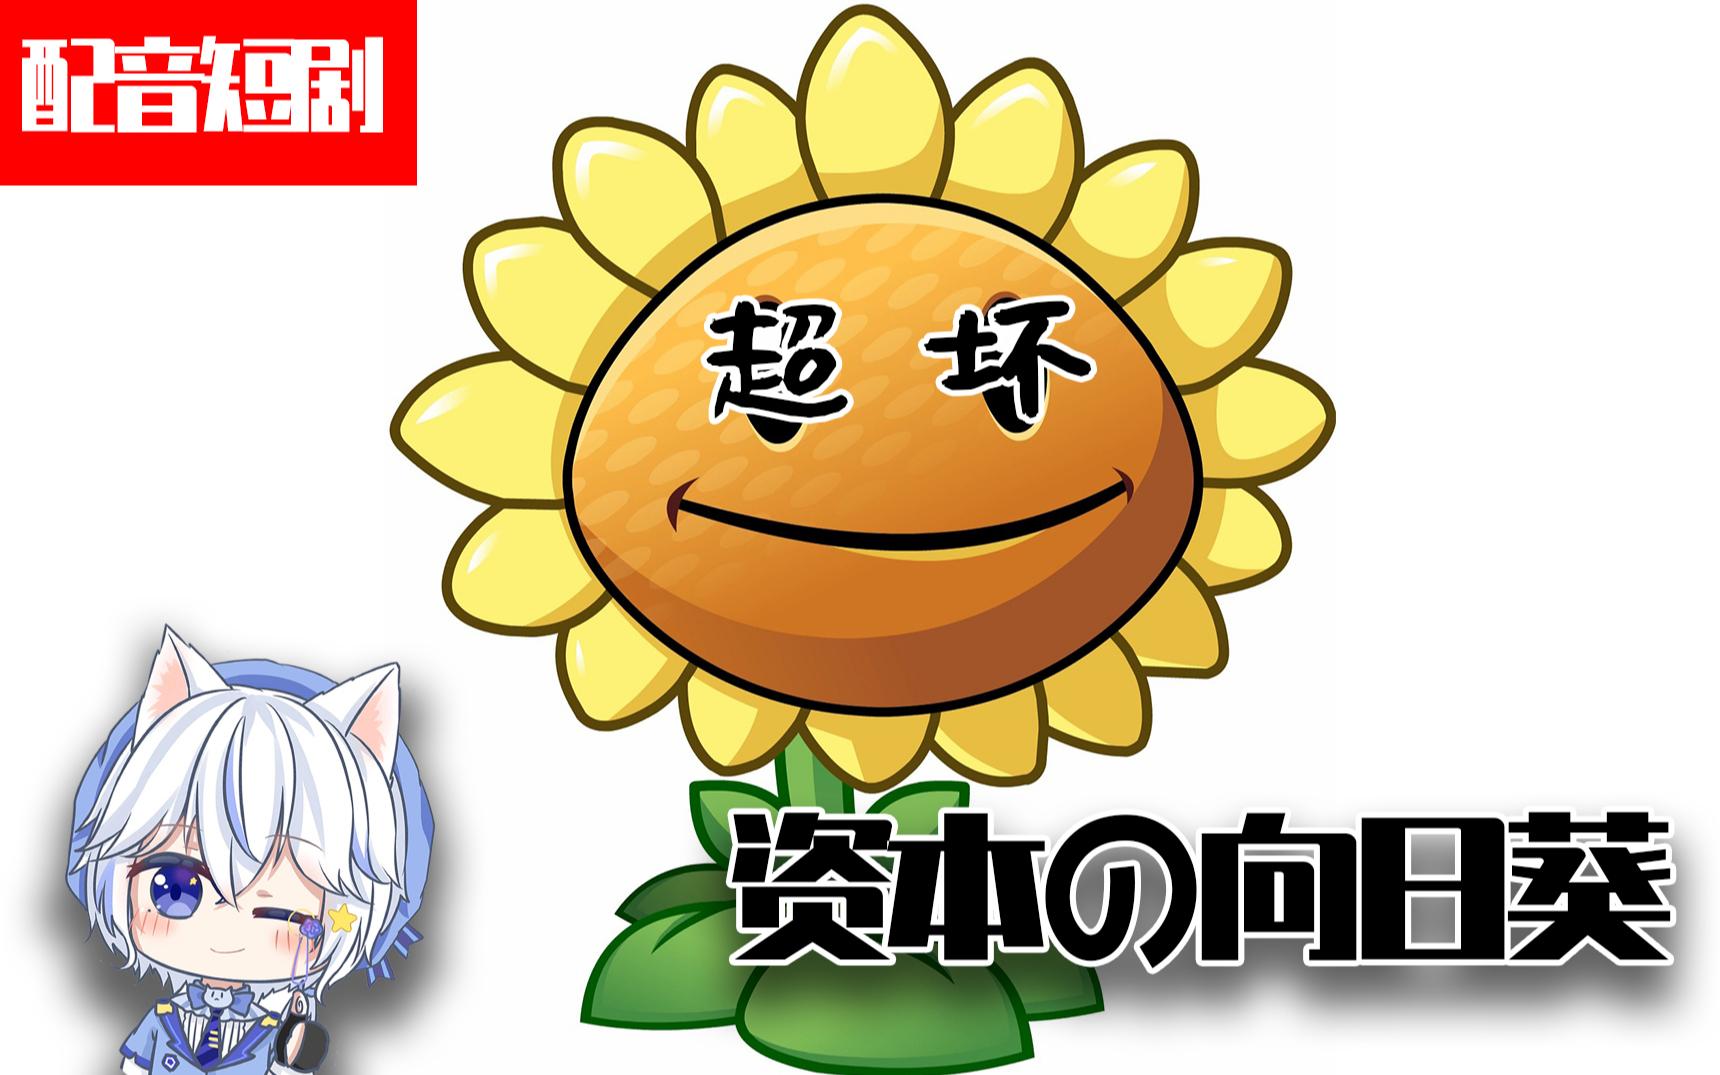 【配音短剧】植 物 大 战 人 性,超坏的资本向日葵!#1